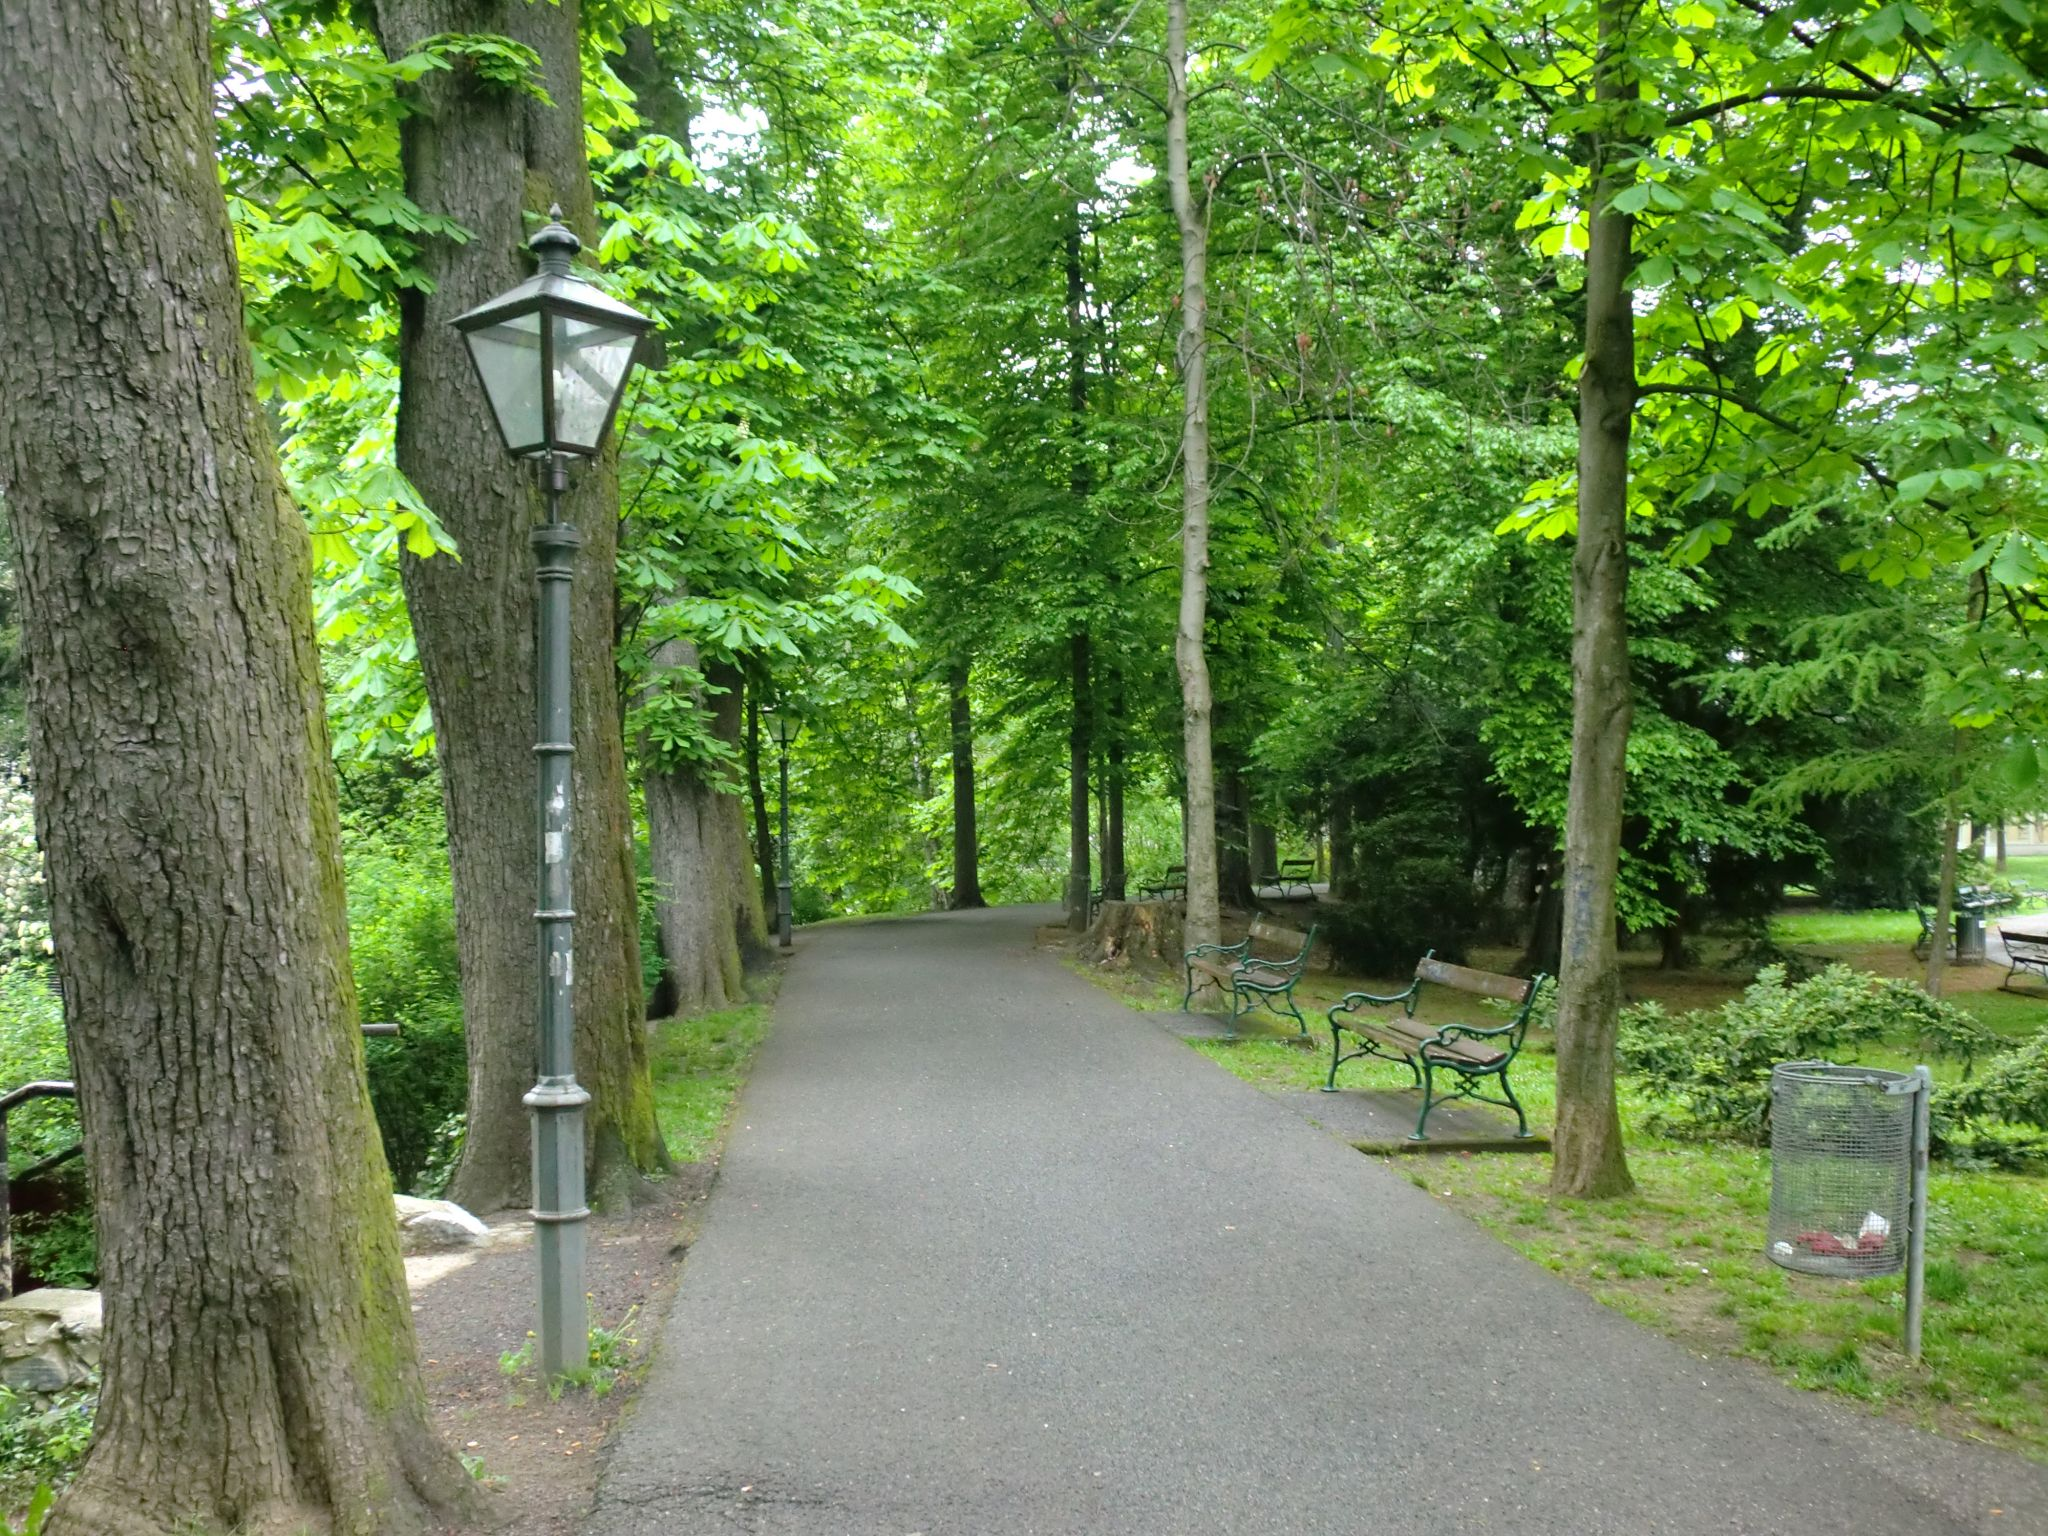 Vienna park 29 1440x1080 - Vienna: elegant beauty